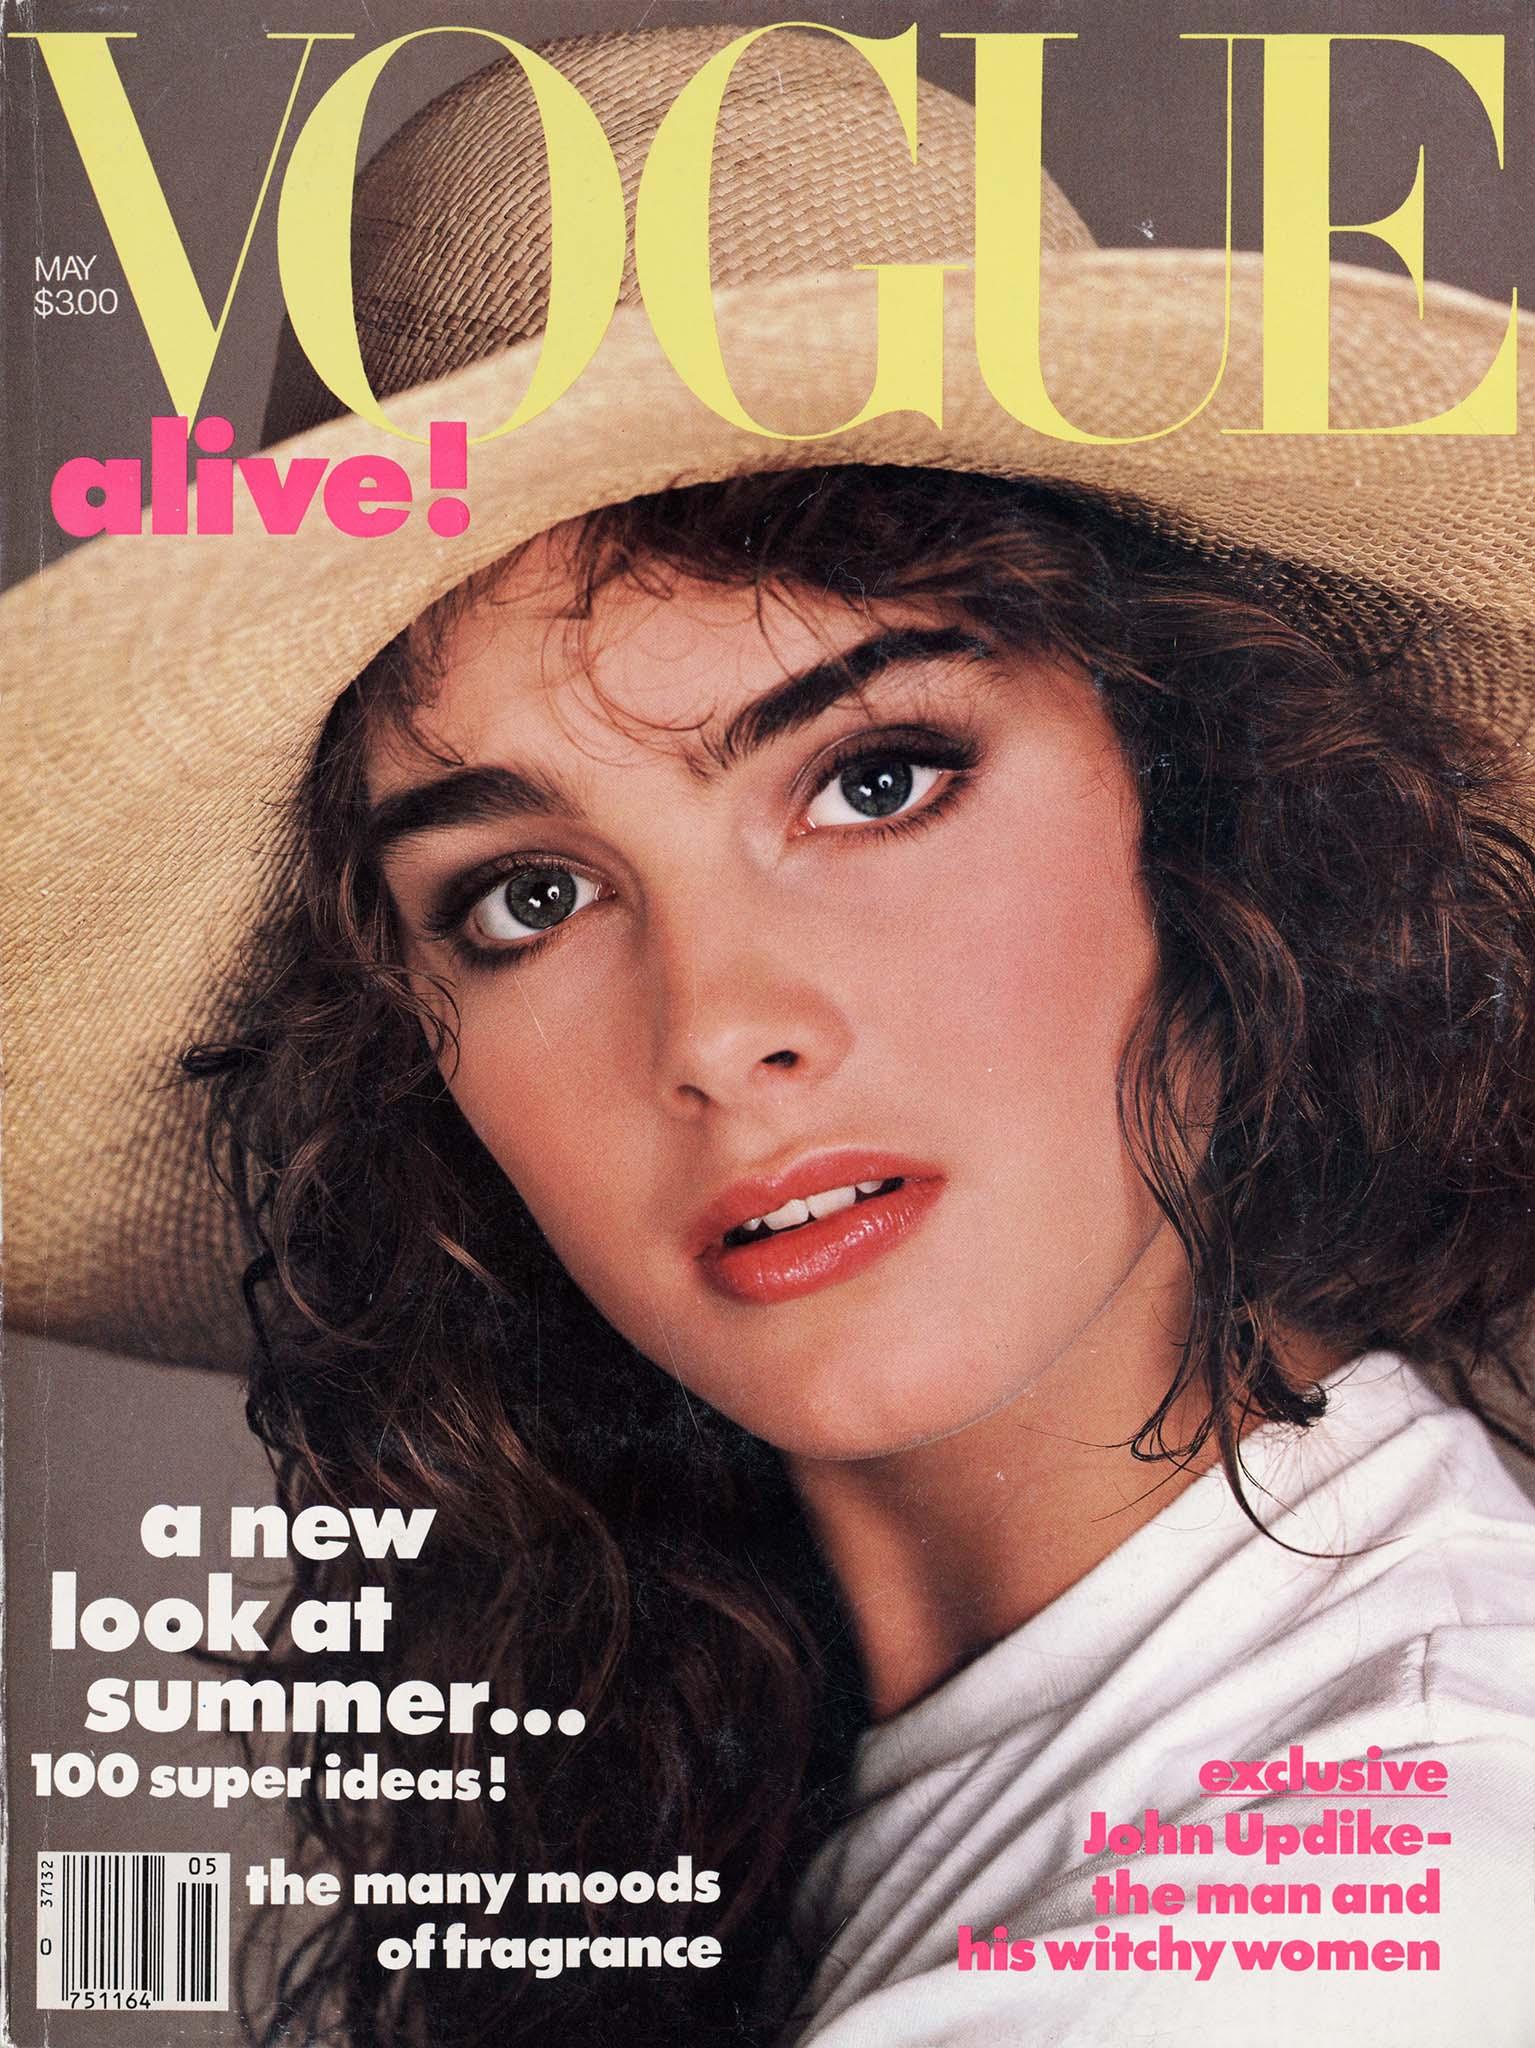 Vogue, May 1984